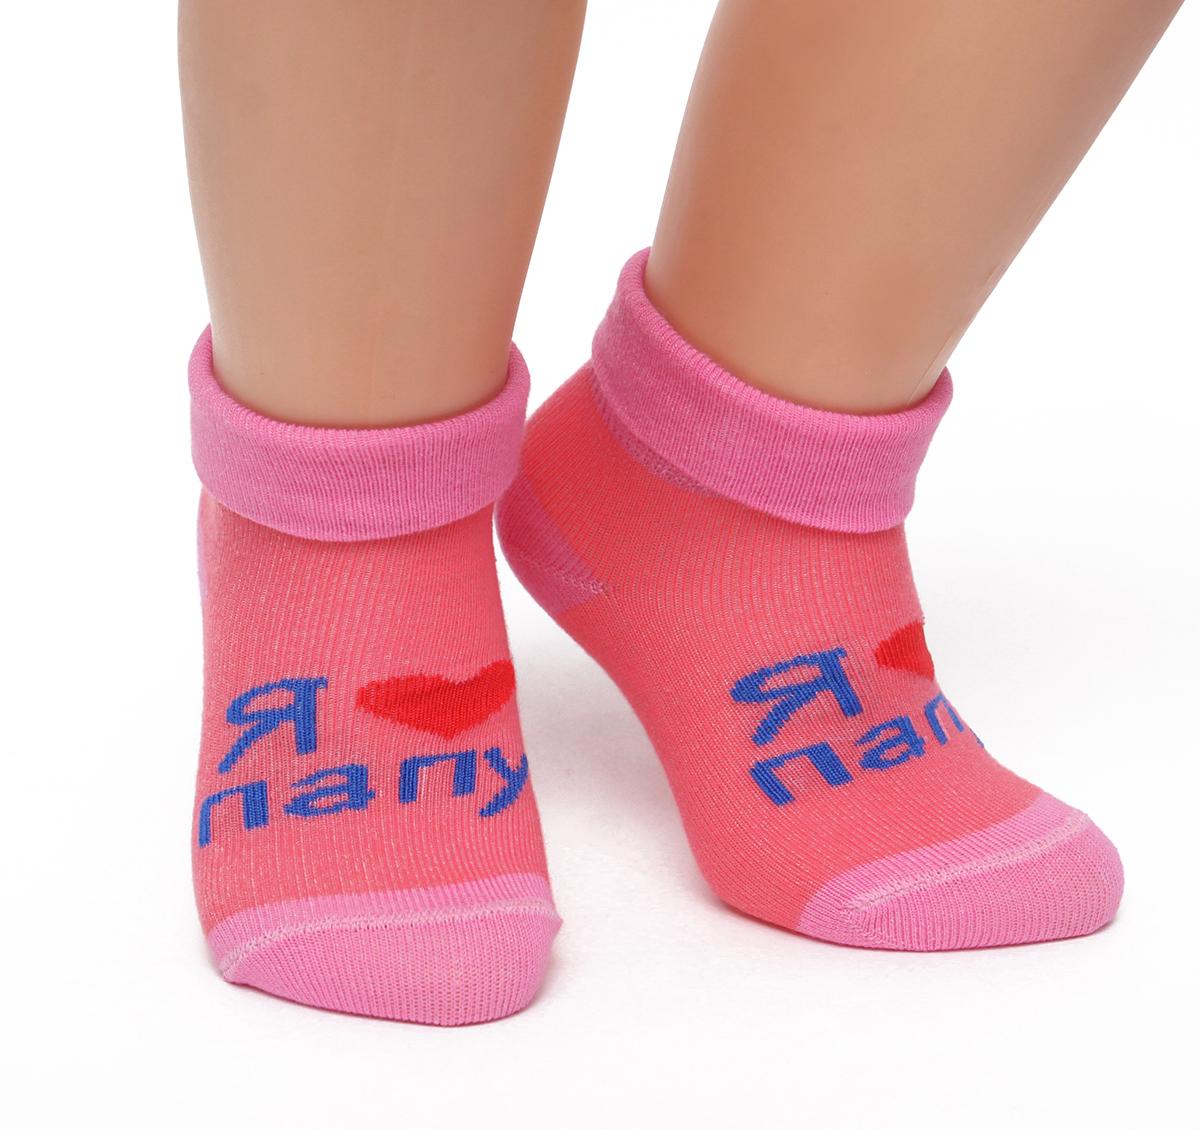 Носки детские Touch Gold, цвет: розовый. 127. Размер 0-12 месяцев127Детские носочки изготовлены из высококачественного хлопка. Мягкая широкая резинка, не перетягивает ножку.